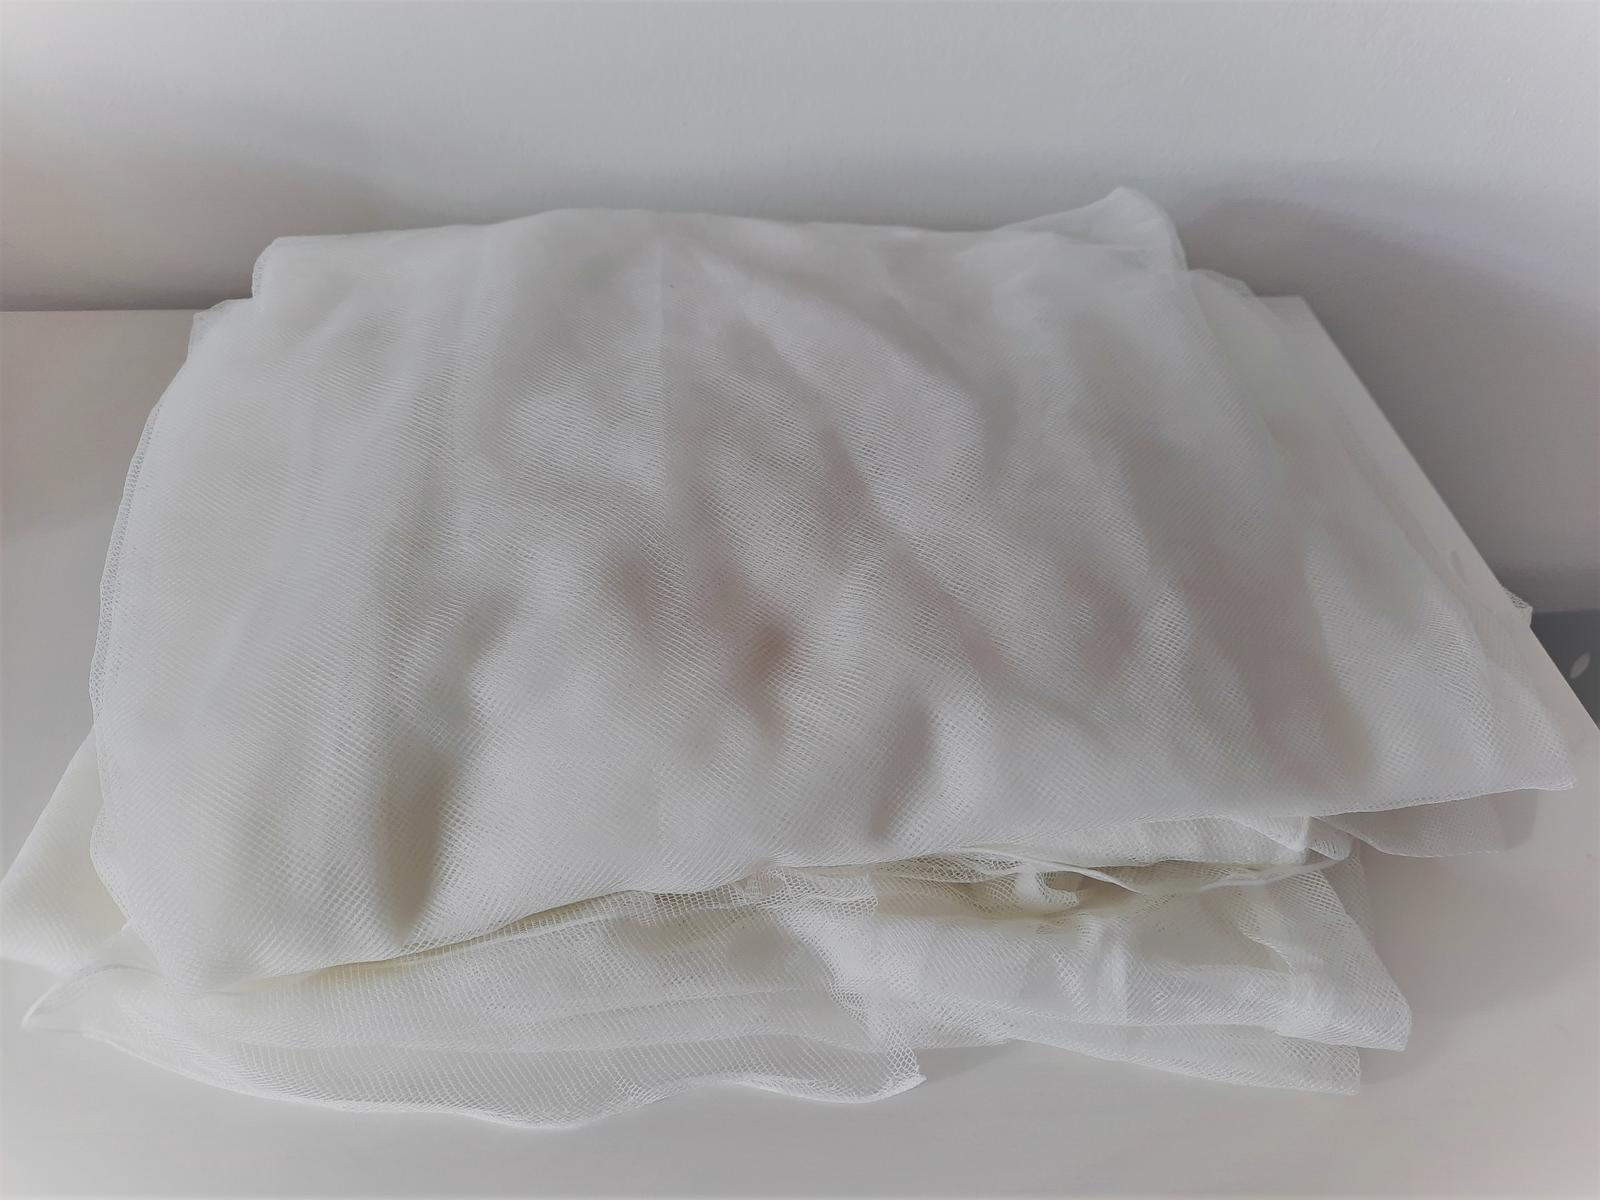 Bílé záclony LILL Ikea - 2 páry - Obrázek č. 1